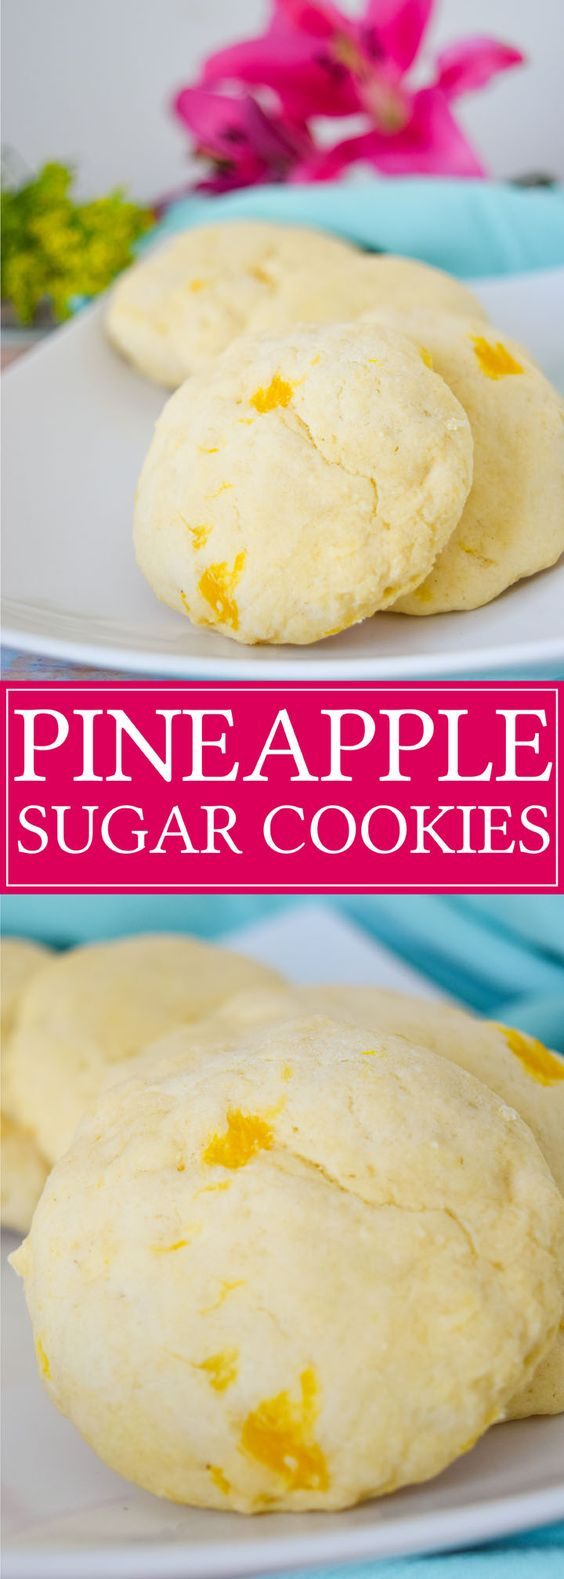 Pineapple Sugar Cookies